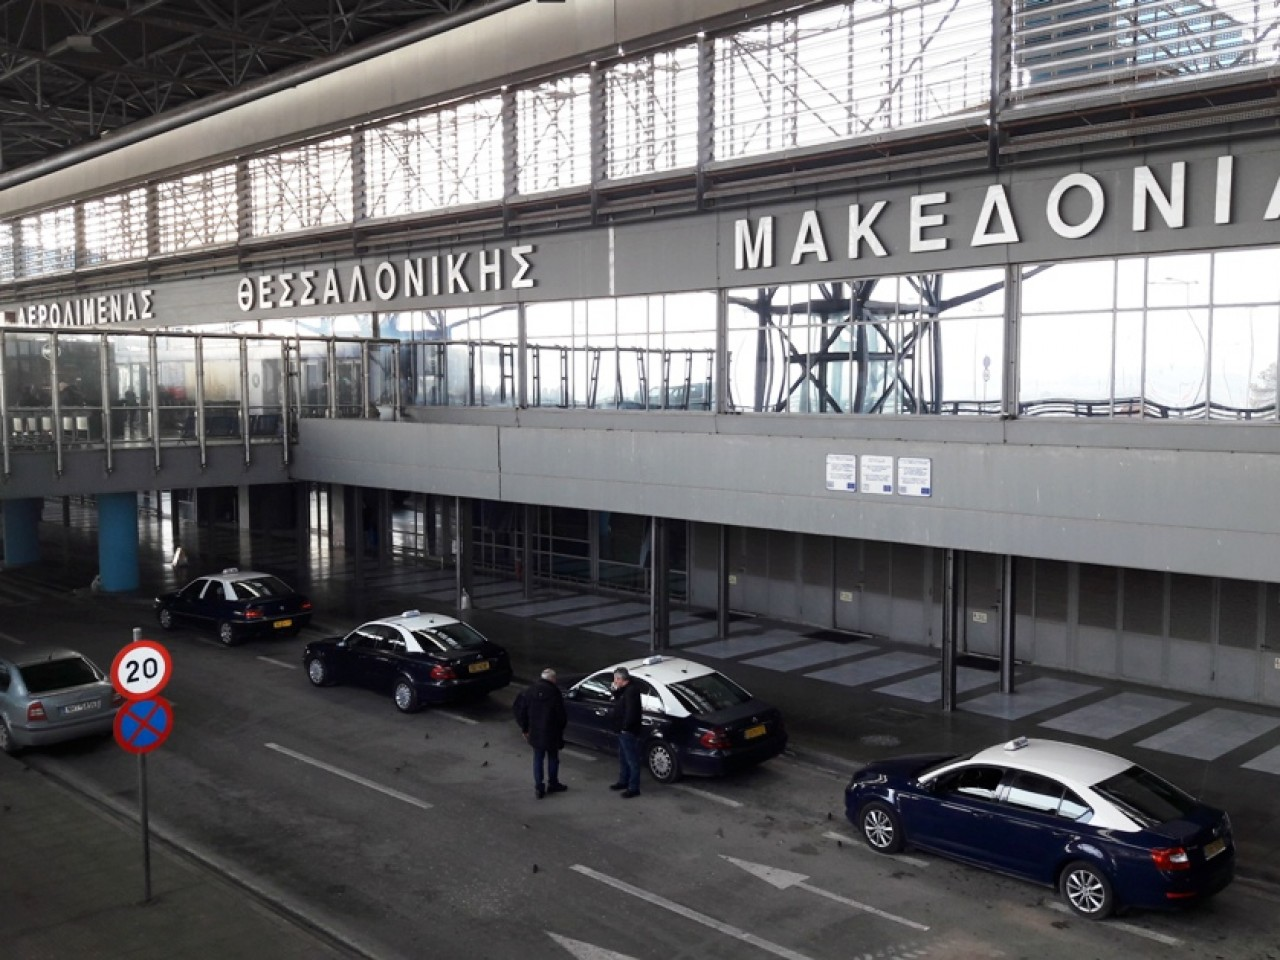 Passenger Stations